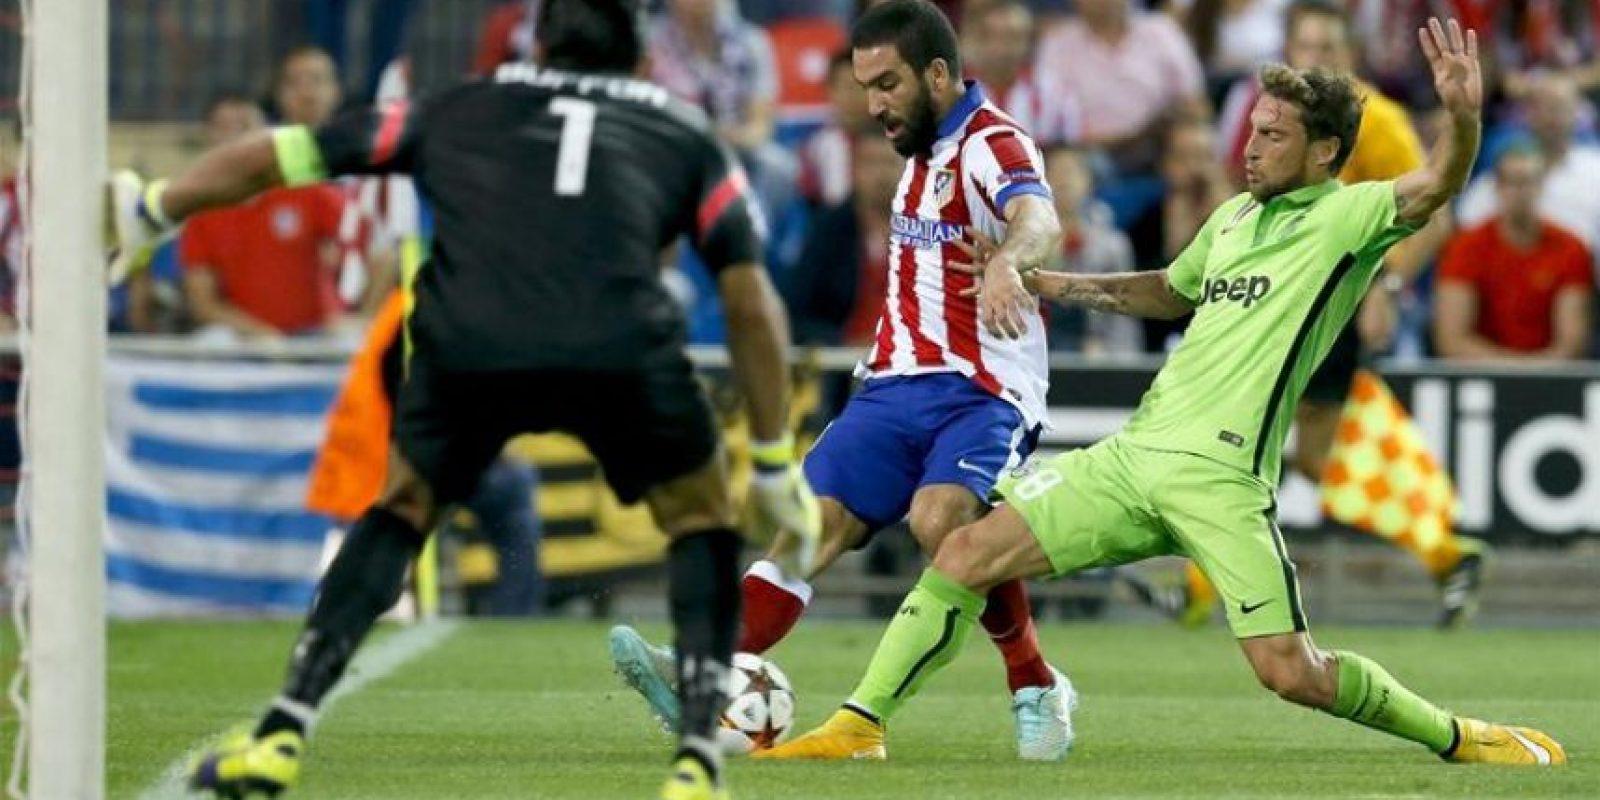 El centrocampista turco del Atlético de Madrid Arda Turan (c) con el balón ante el centrocampista del Juventus Claudio Marchisio (d) y el portero Gianluigi Buffon (i, de espaldas) durante el partido de la segunda jornada de la fase de grupos de la Liga de Campeones que Atlético de Madrid y Juventus disputaron en el estadio Vicente Calderón, en Madrid. EFE